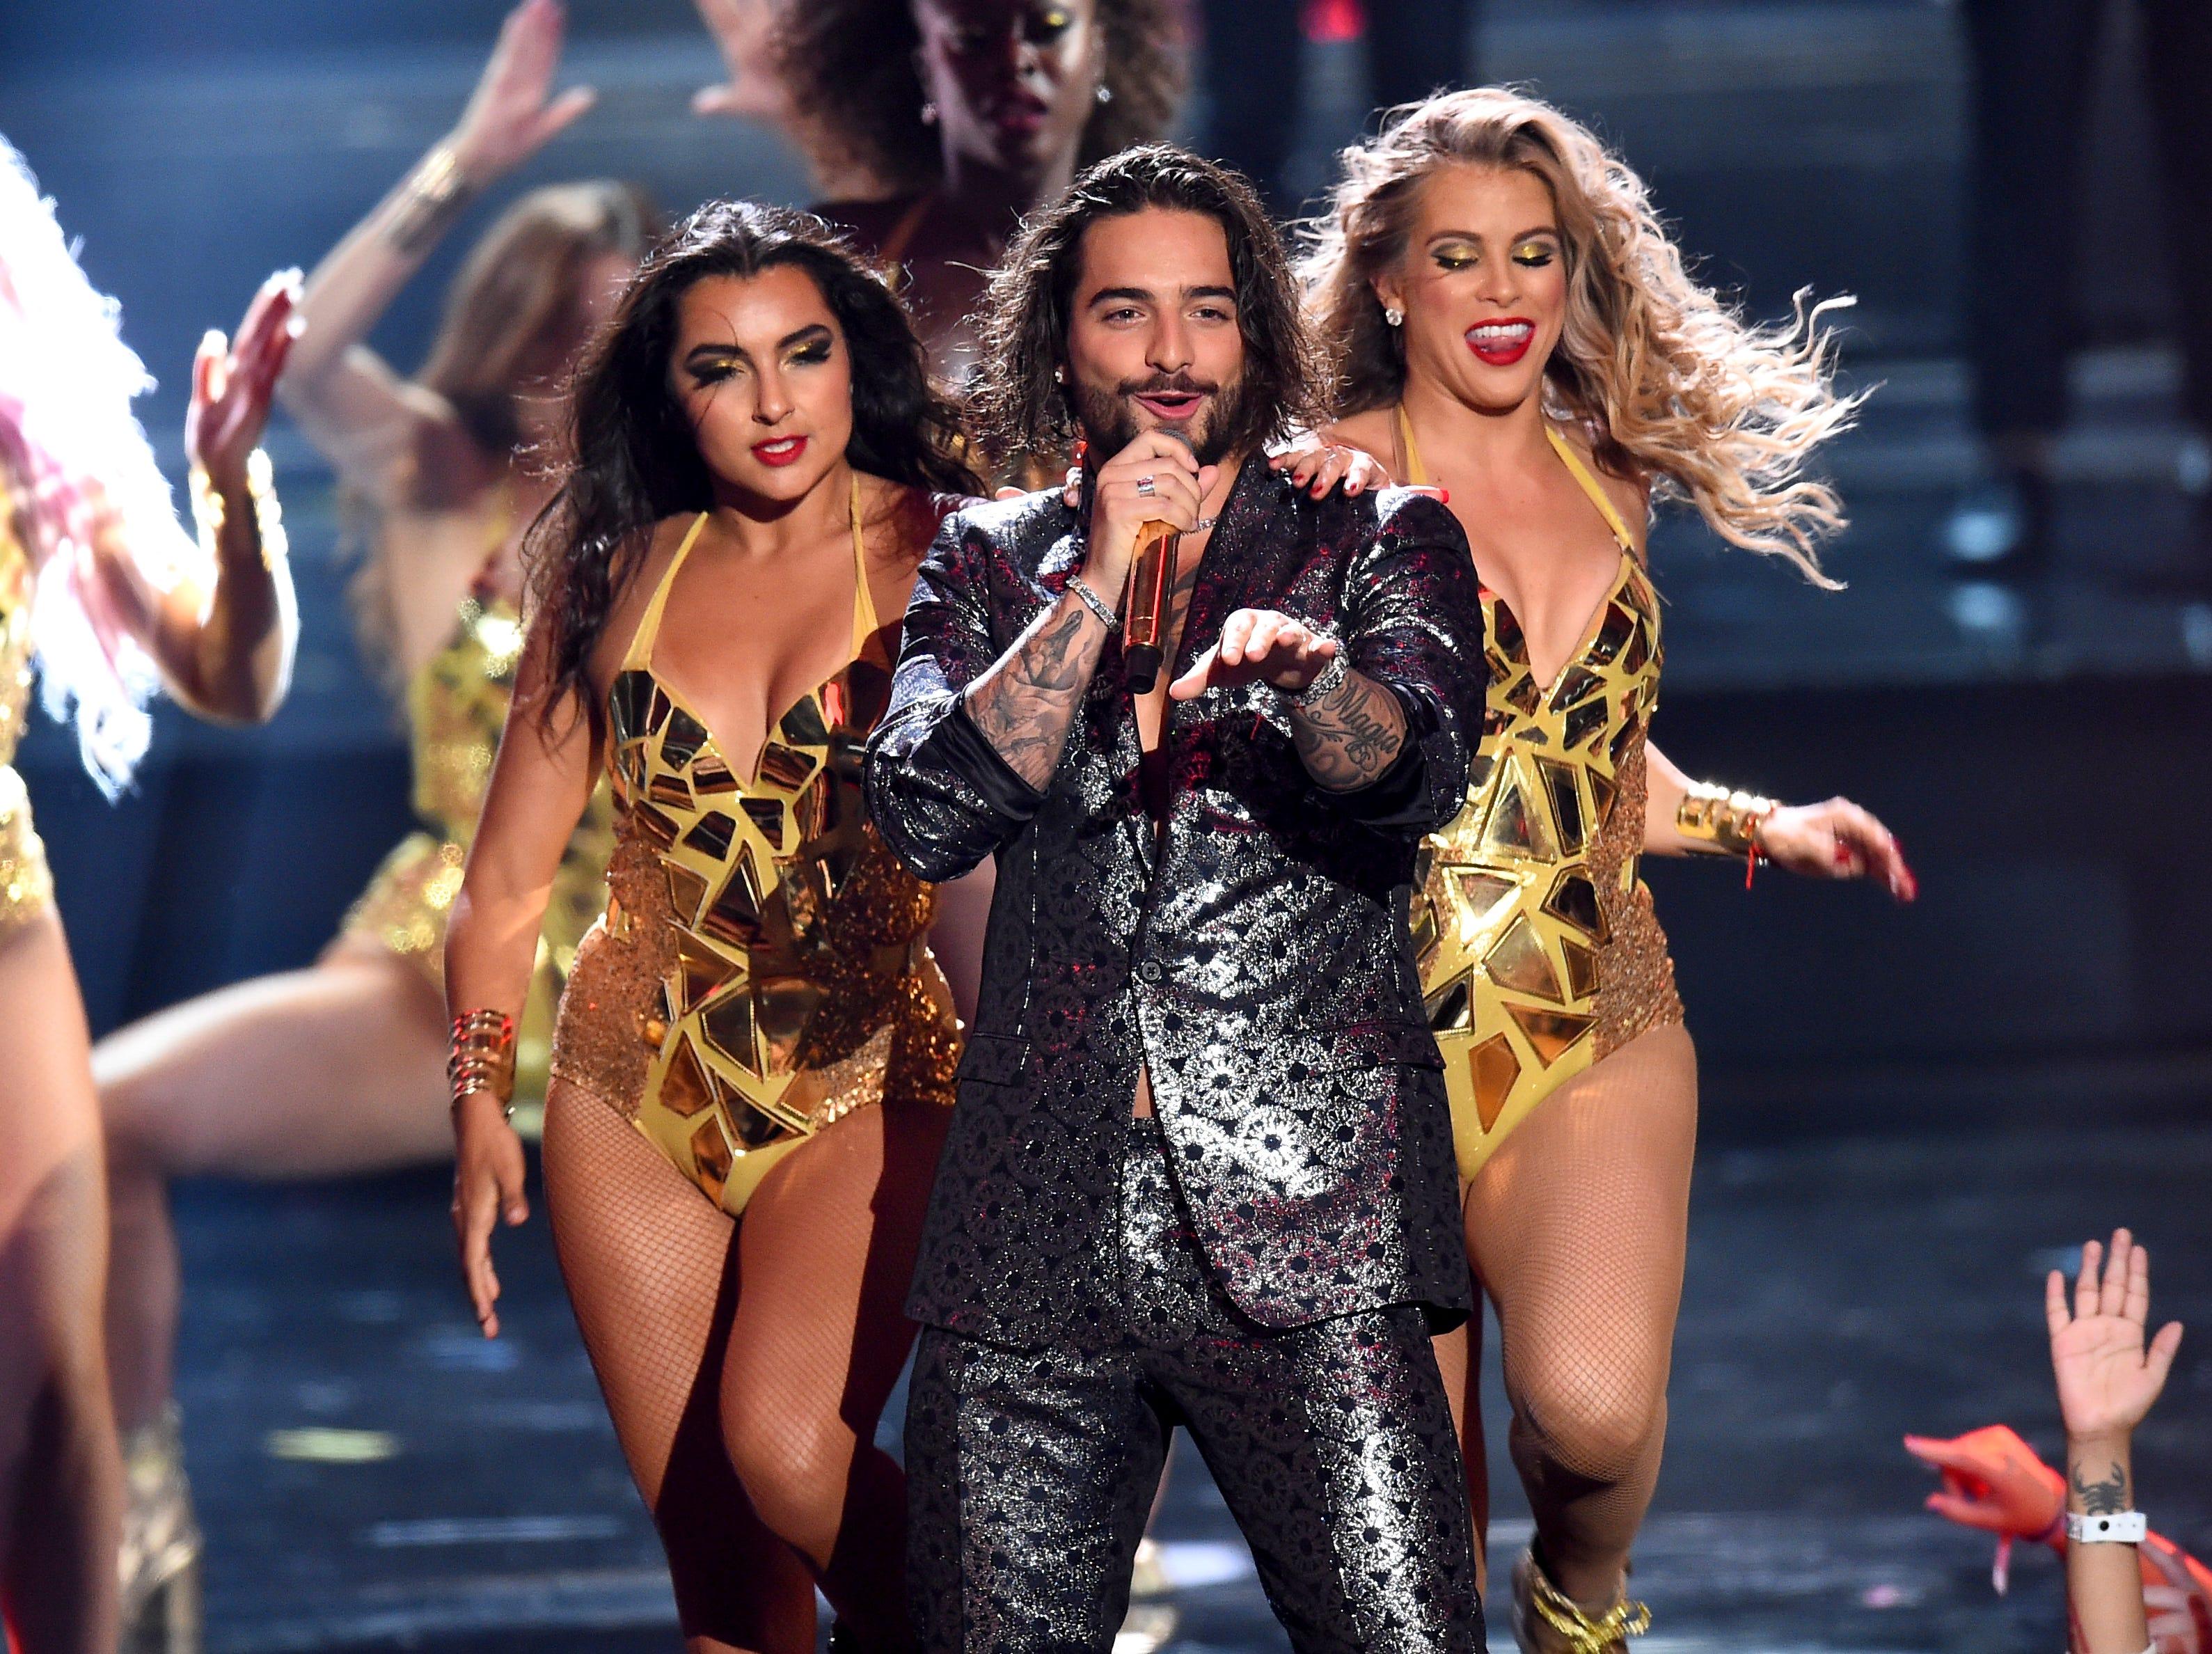 Maluma se presenta en el escenario durante los MTV Video Music Awards 2018 en Radio City Music Hall el 20 de agosto de 2018 en la ciudad de Nueva York.